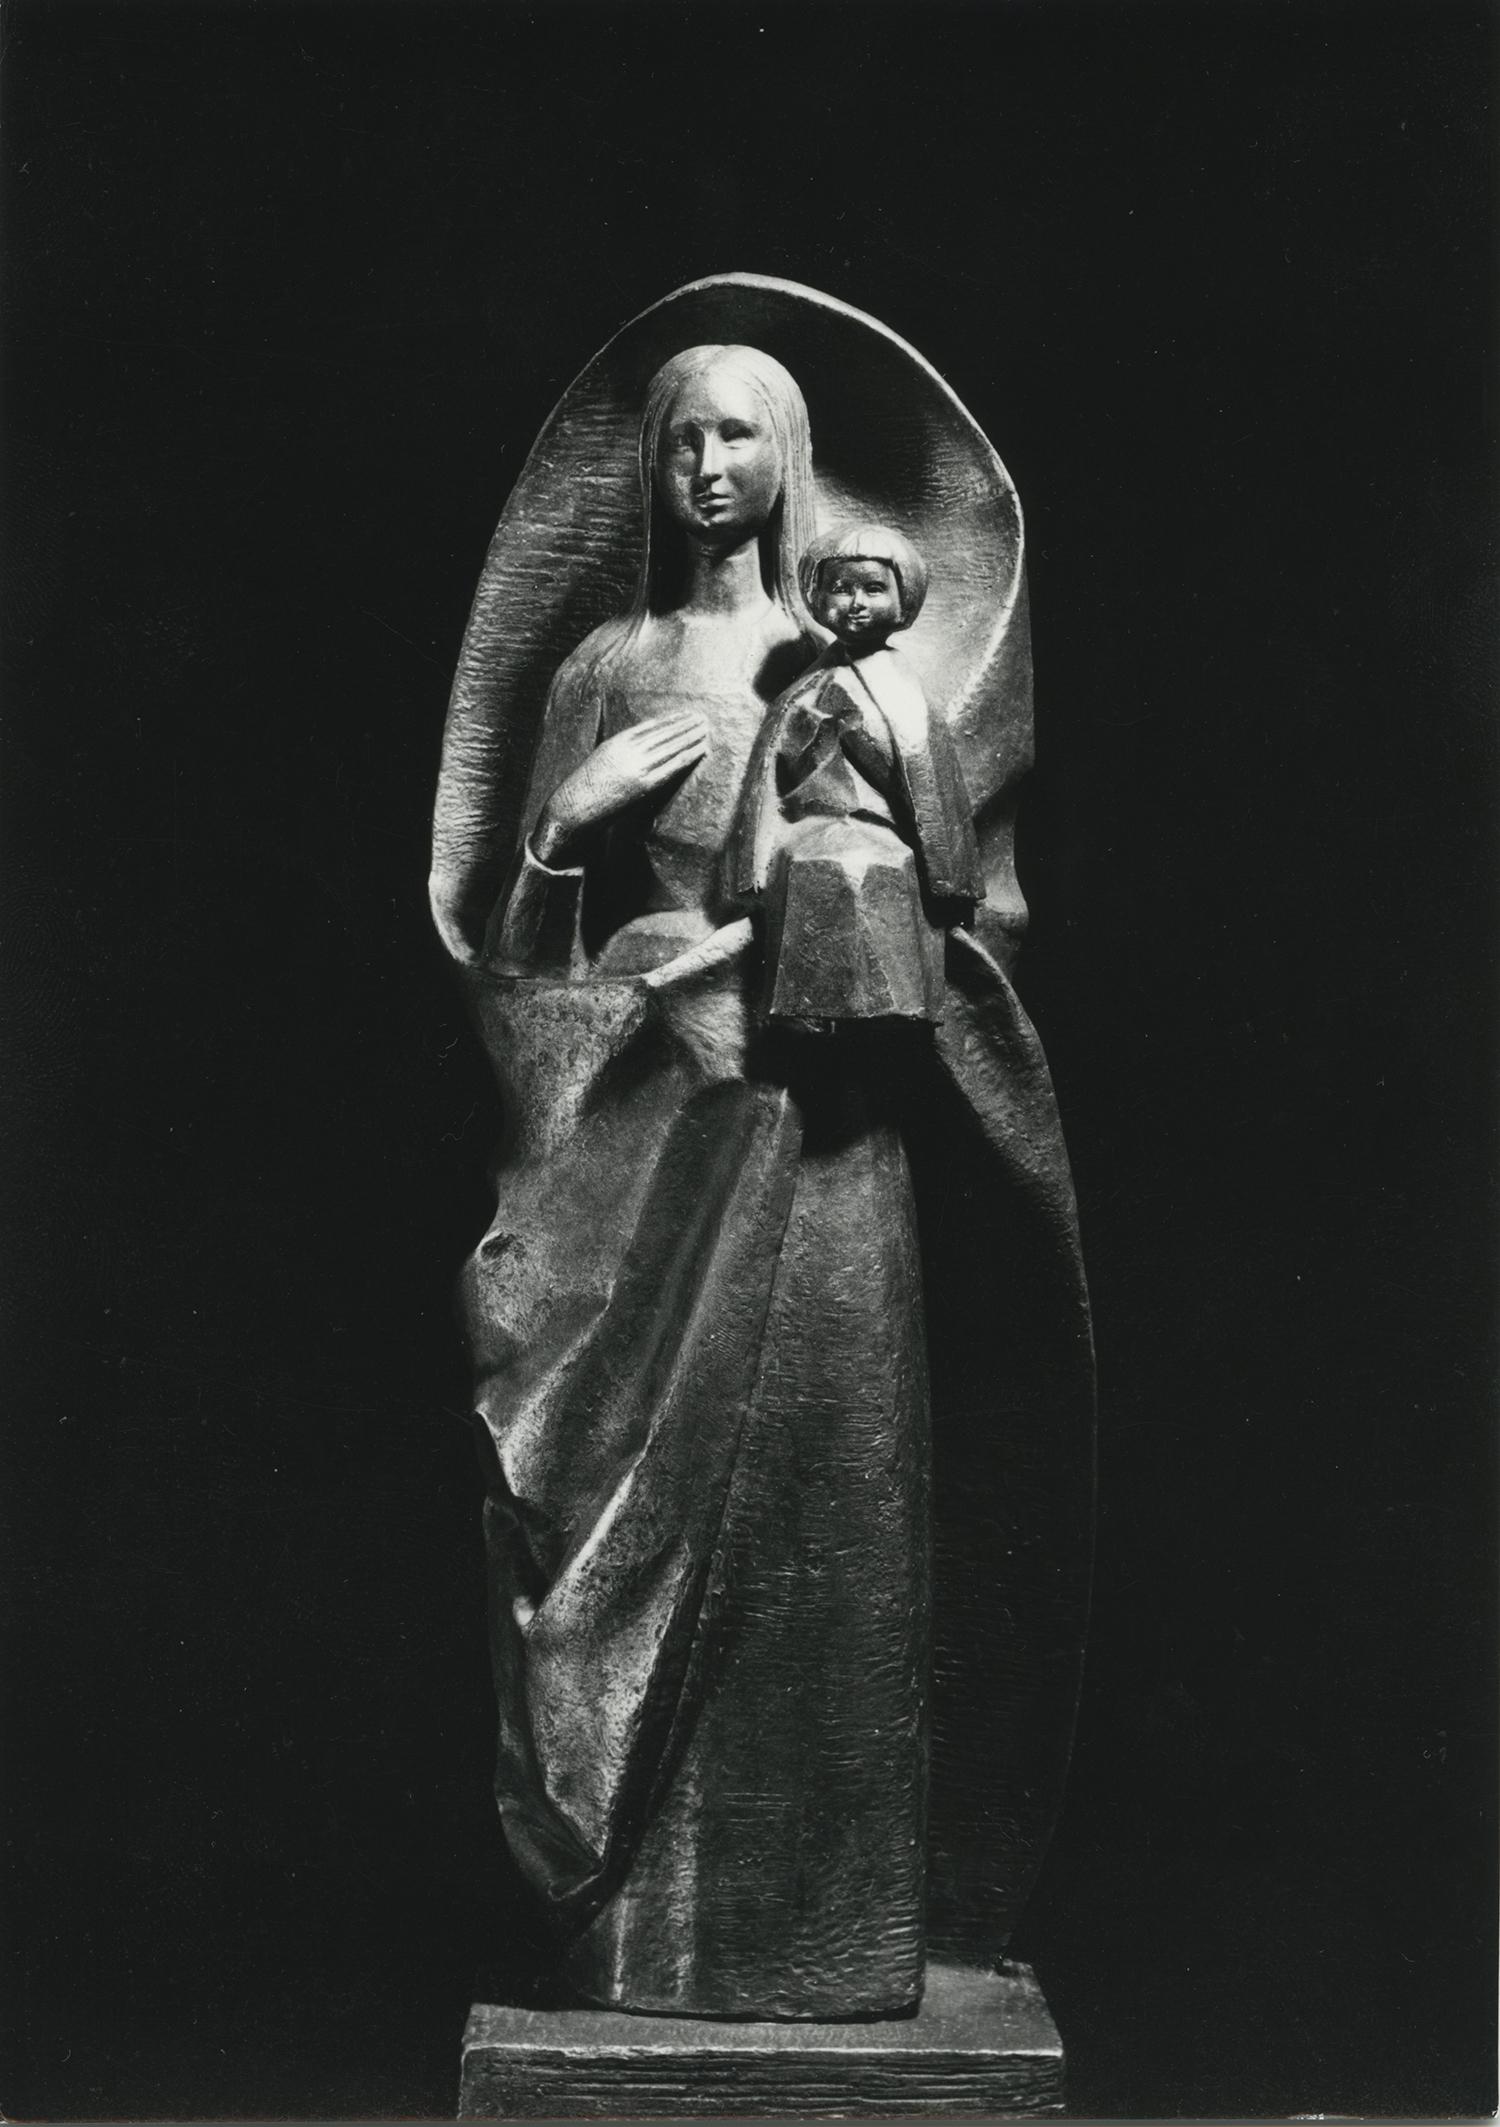 1966.2. Virgen con niño, bronce, 60x24x15 cms. Mausoleo familia Vicente Calderón. Iglesia de San Nicolás del Grao, Gandía, Valencia. 1966